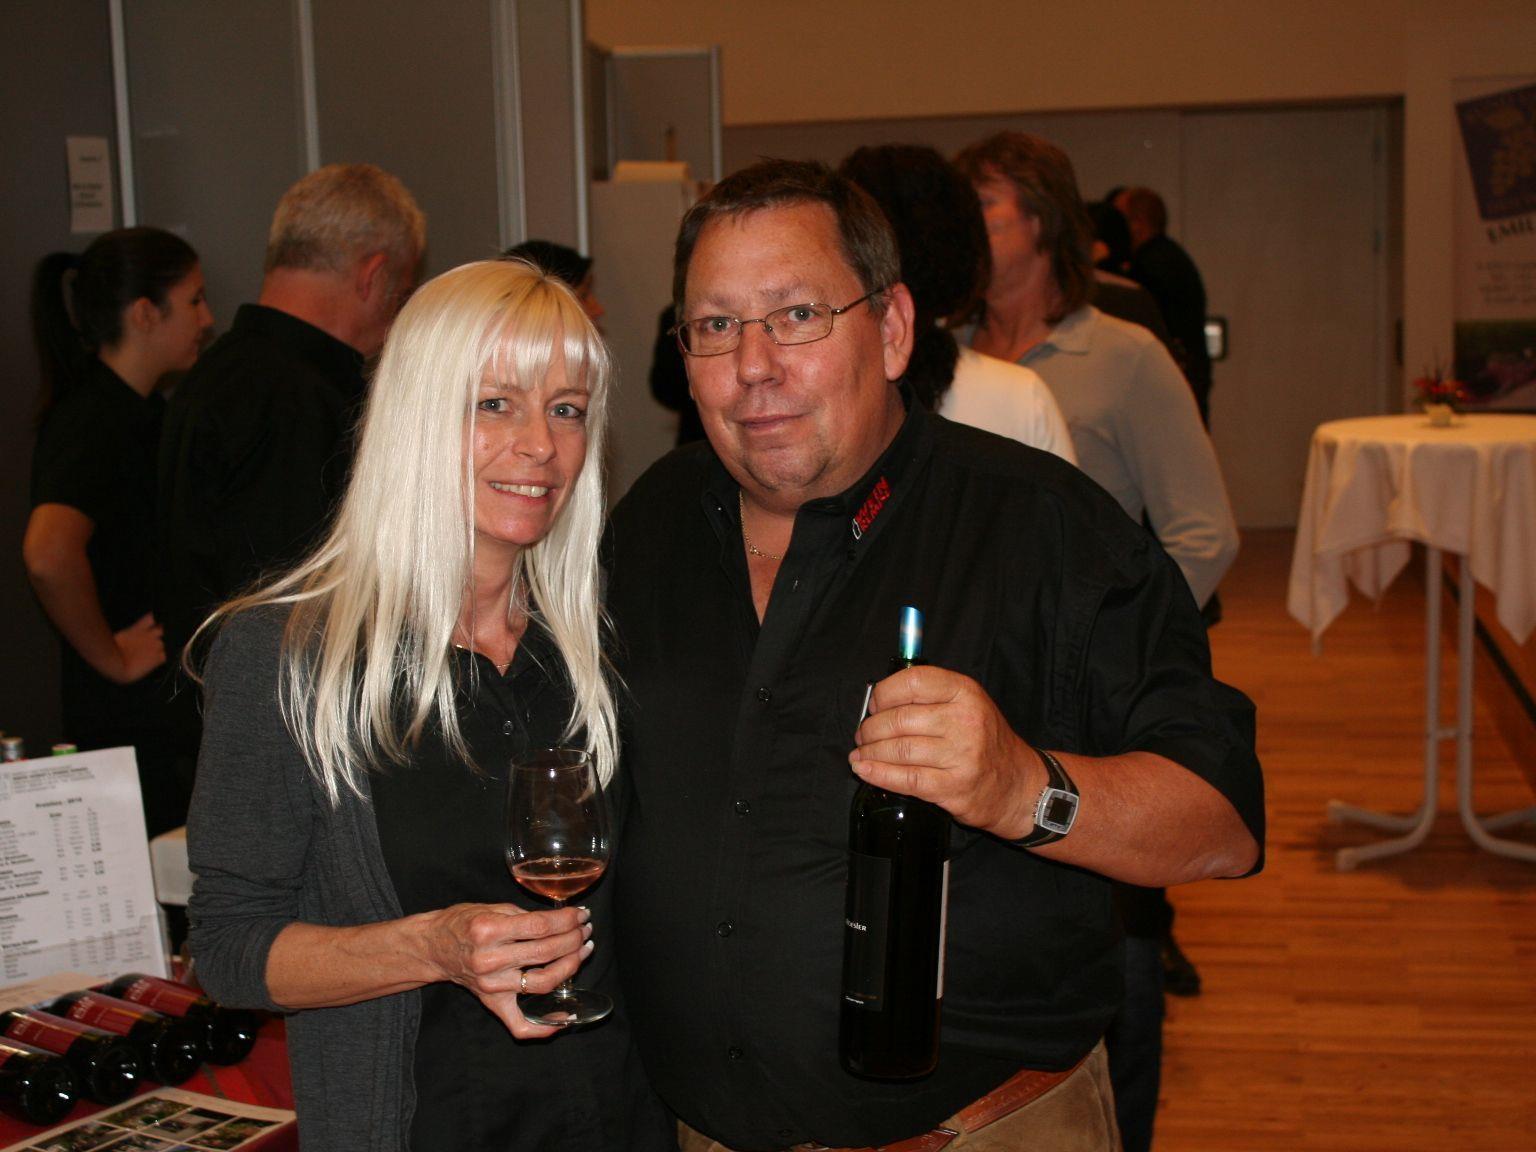 Christine und Helmut Winkler (Weinremise) freuten sich über die positive Resonanz auf d. 1. Weinmesse